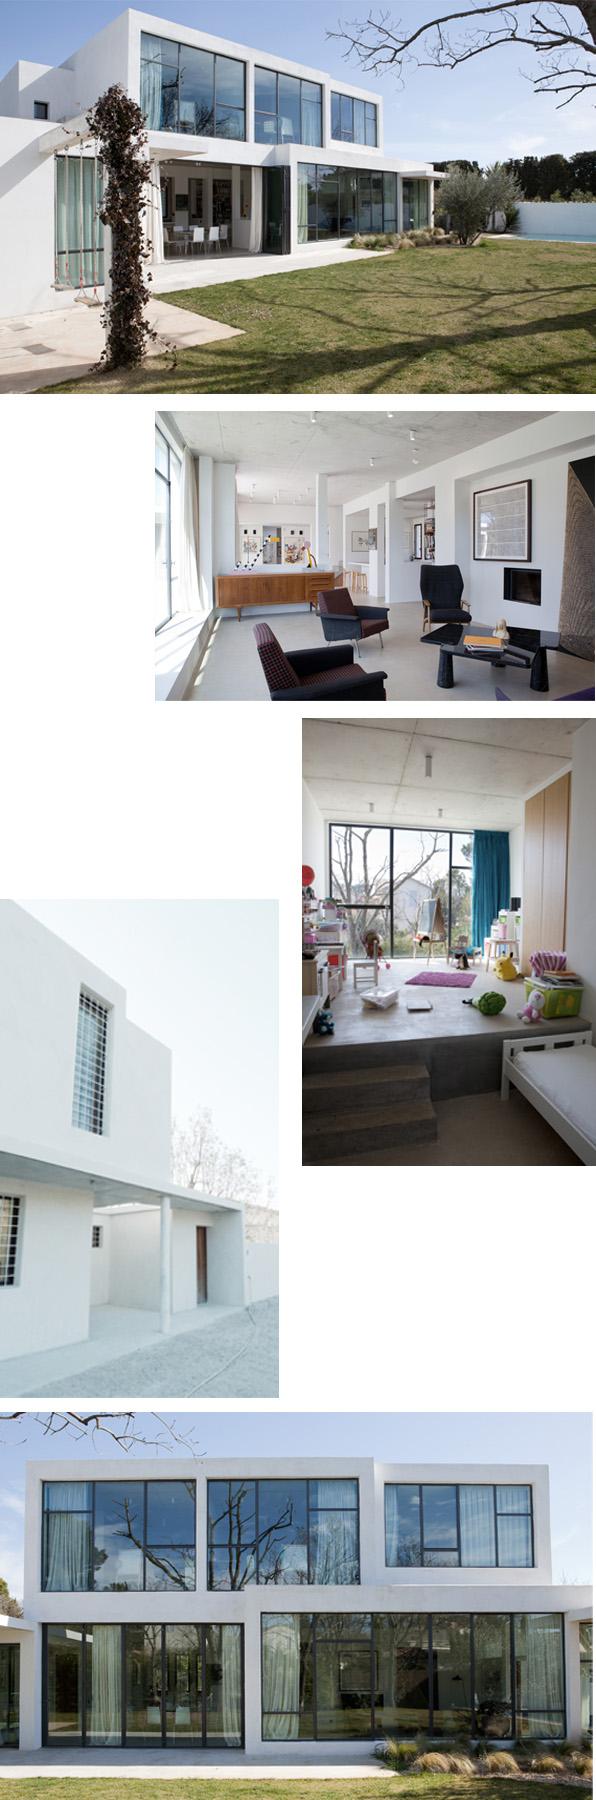 © MARION BERNARD EN MODUS-VIVENDI vivienda contemporanea